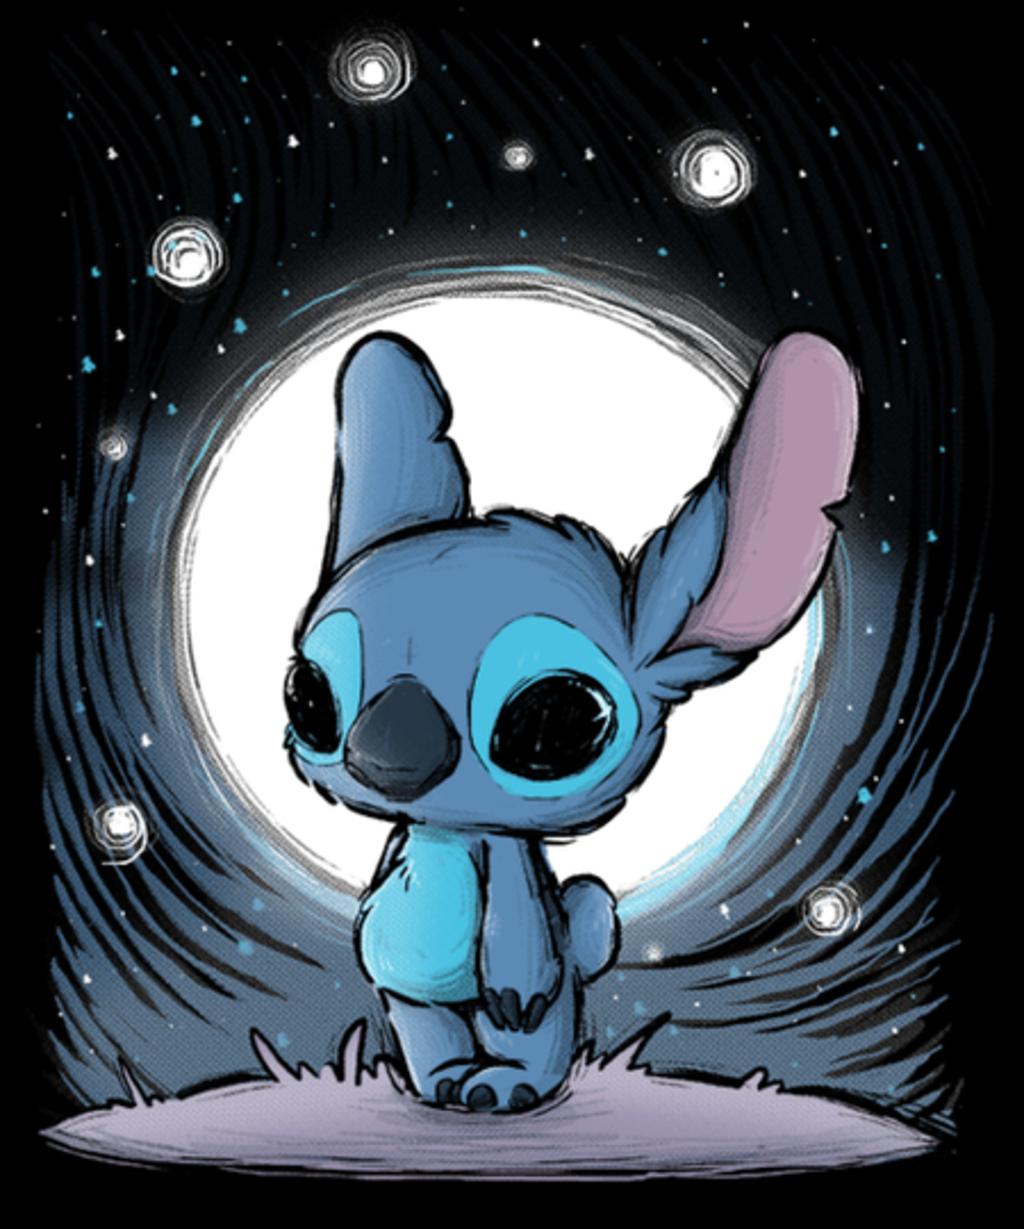 Qwertee: Cute Alien